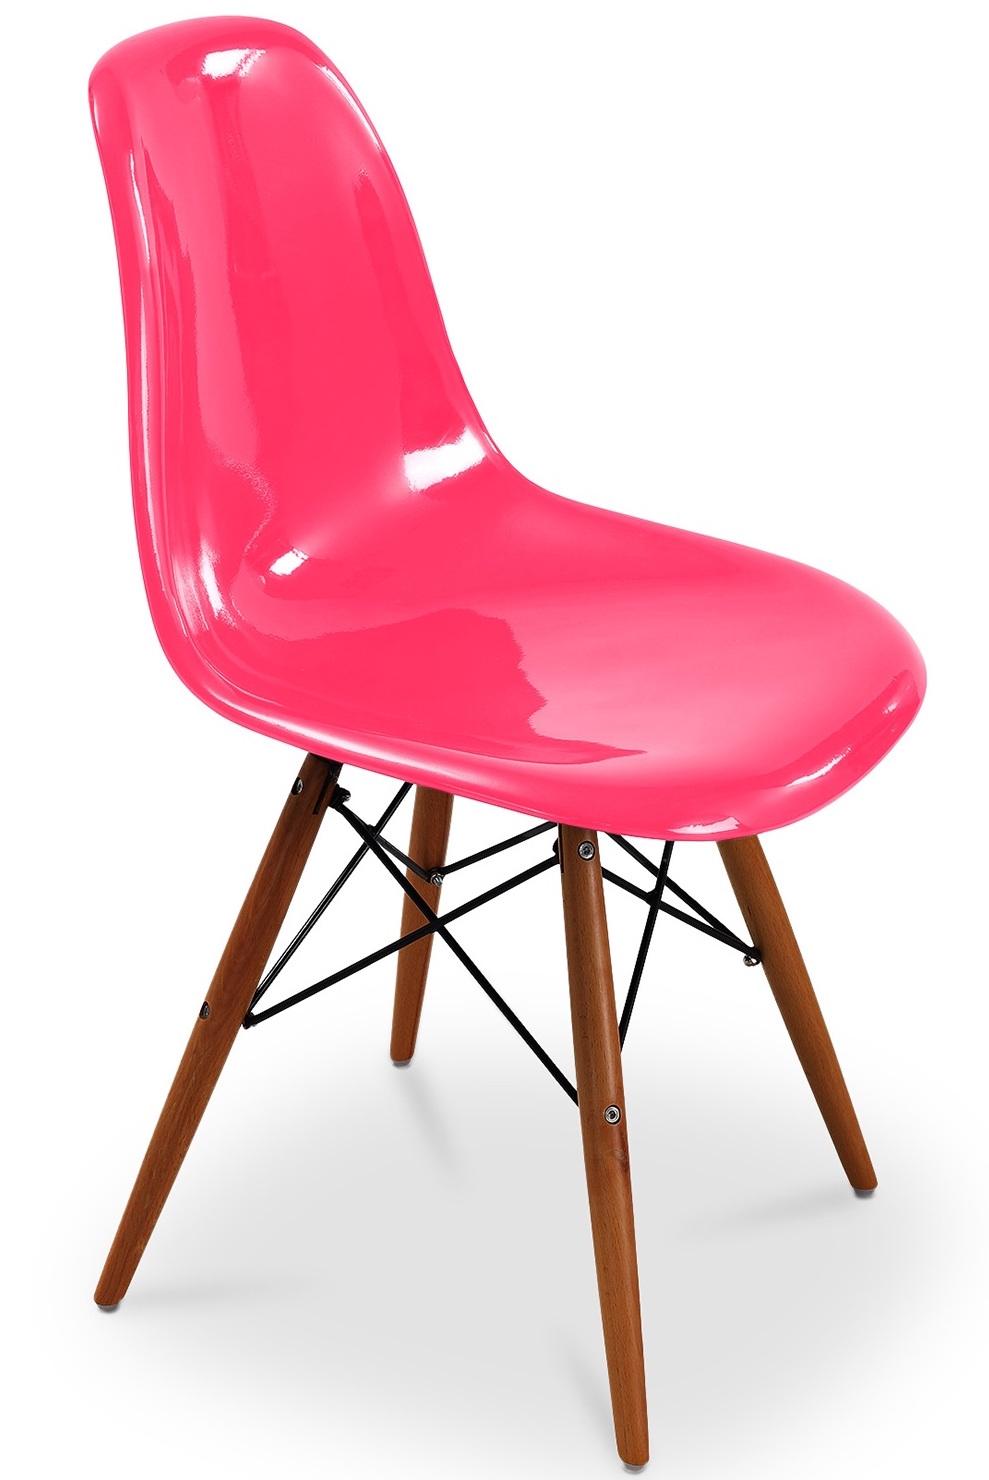 Chaise en fibre de verre fuchsia brillant inspir e dsw - Chaise eames dsw fibre de verre ...